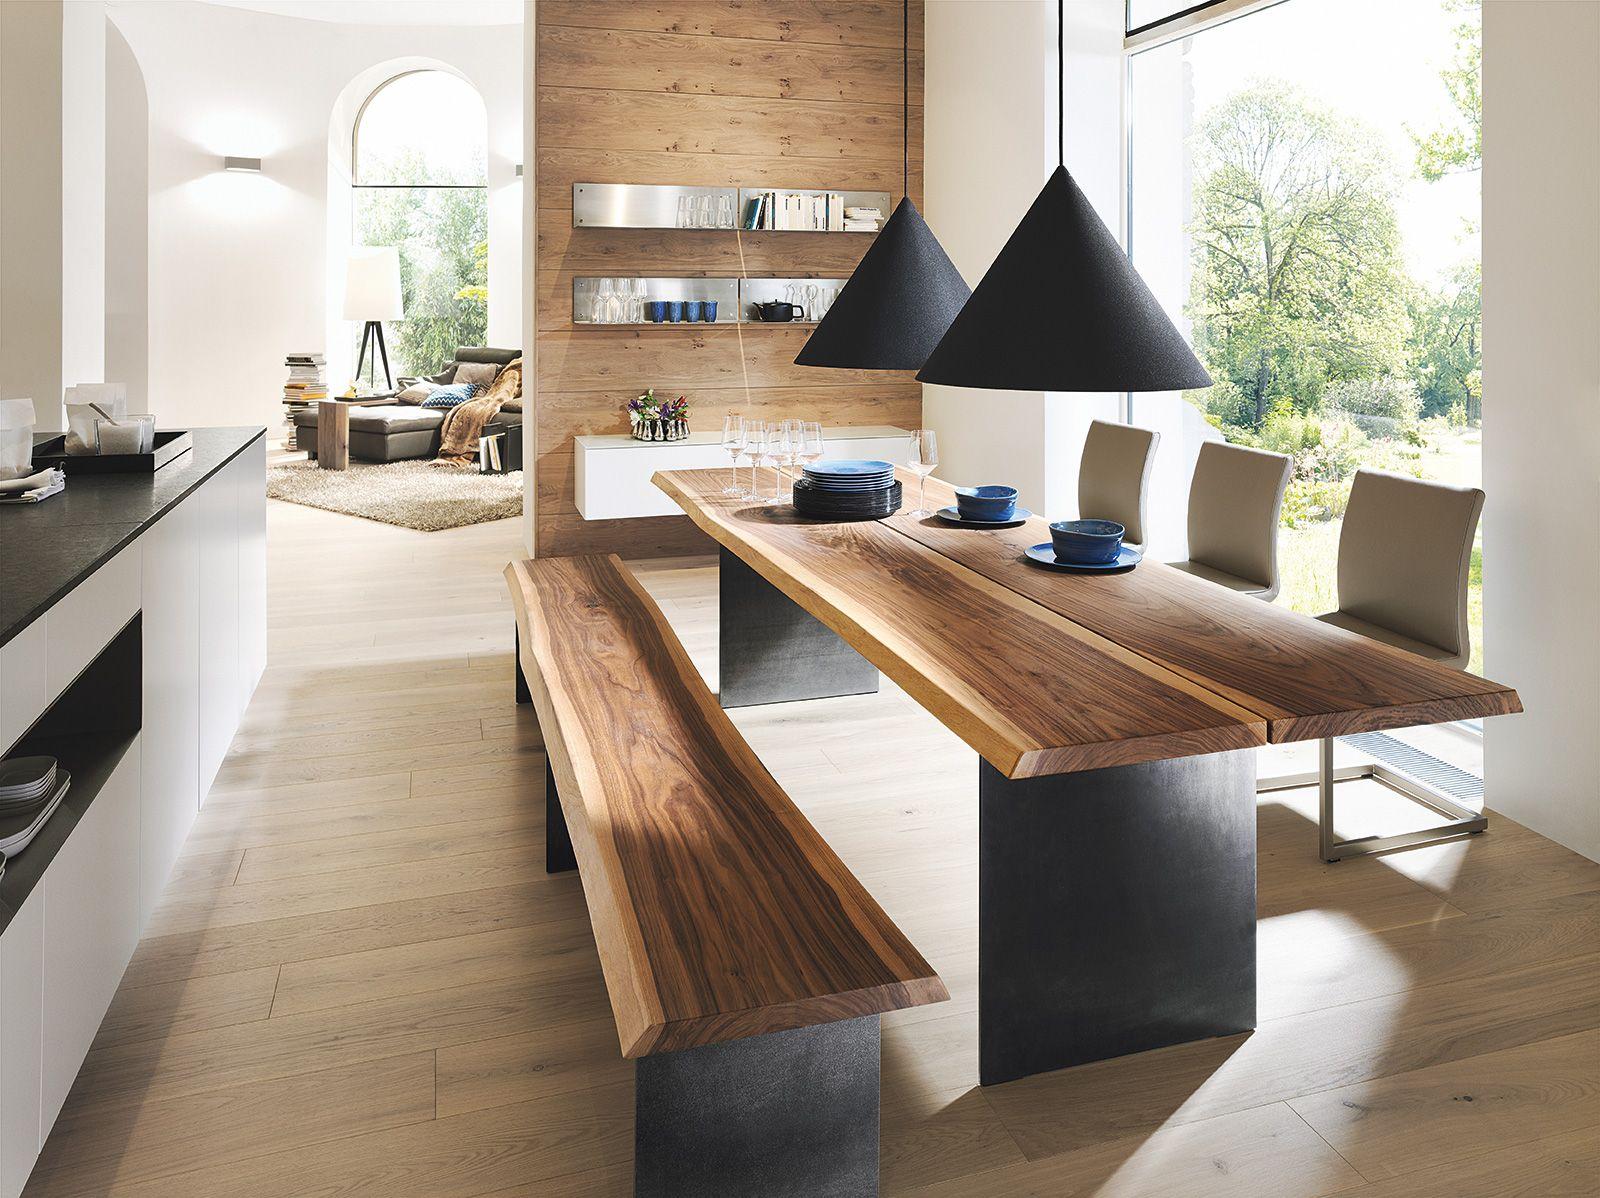 Good Stammtisch von Anrei Kraftvoll und markant ist unser j ngstes Esstischmodell Der stamm tisch